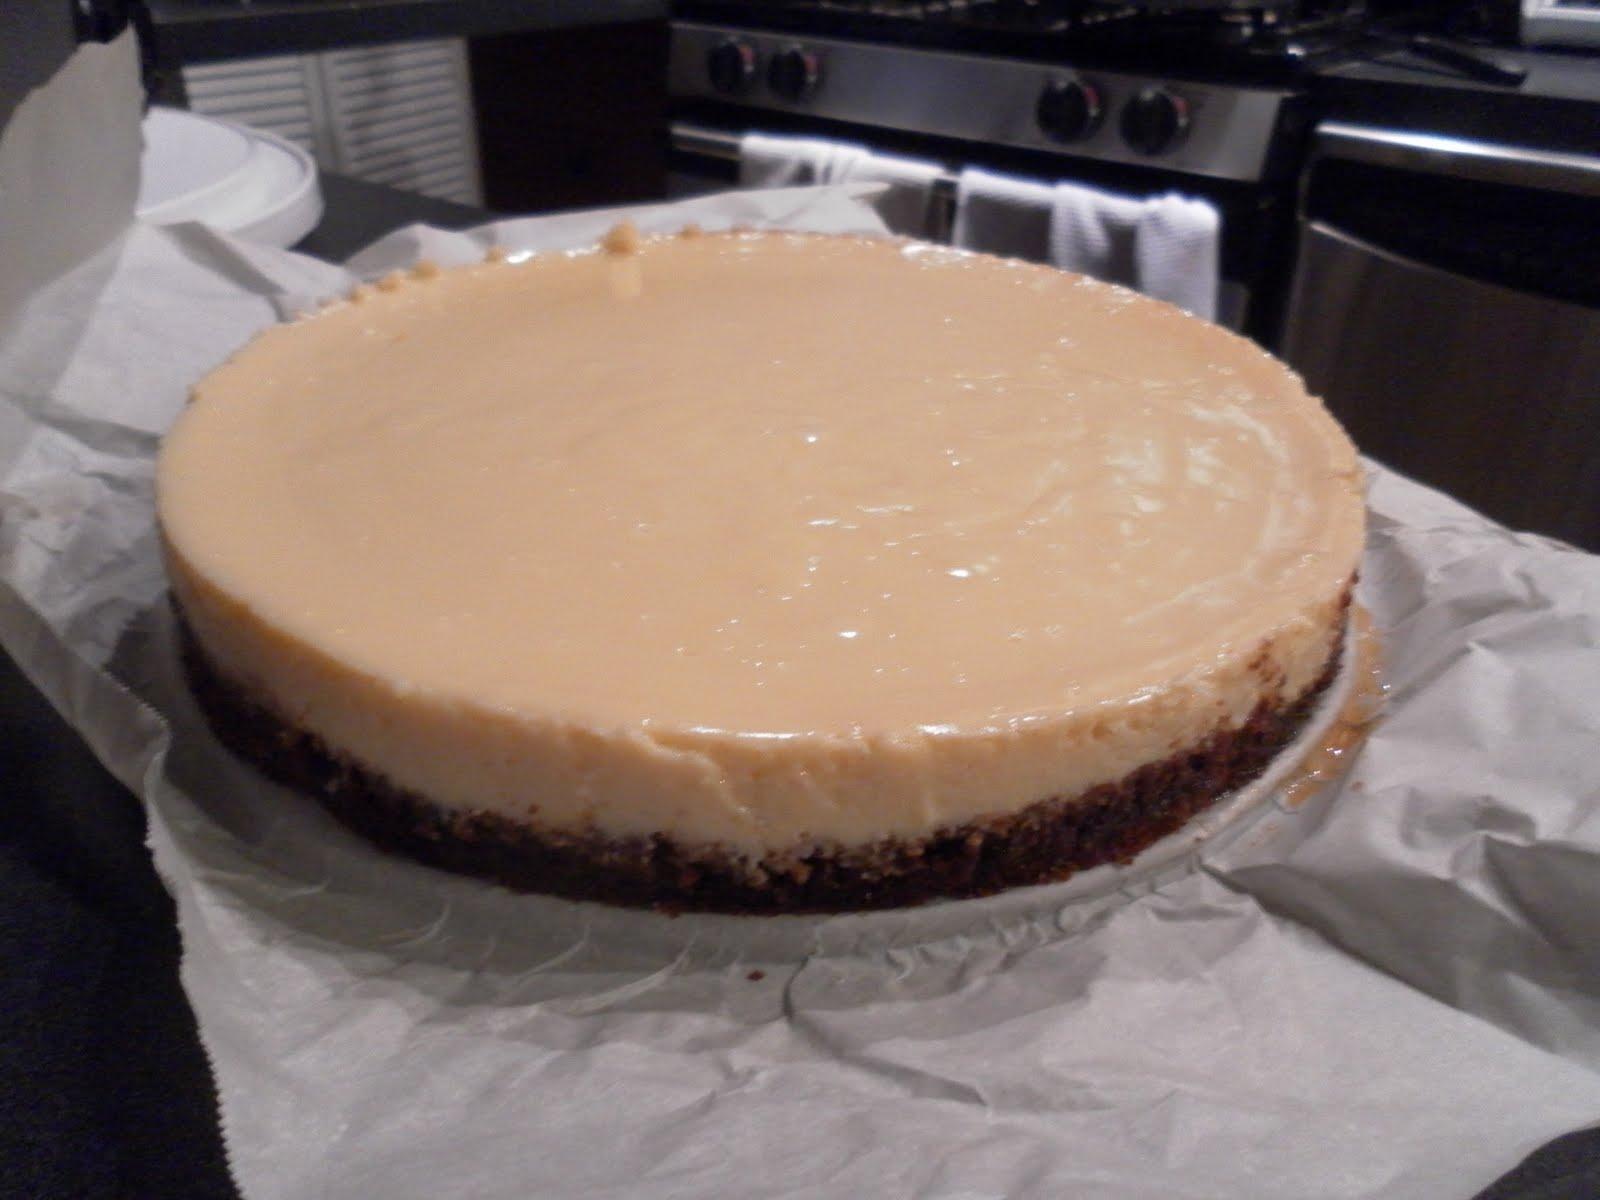 Emeril Lagasse Food Processor Pie Crust Recipe